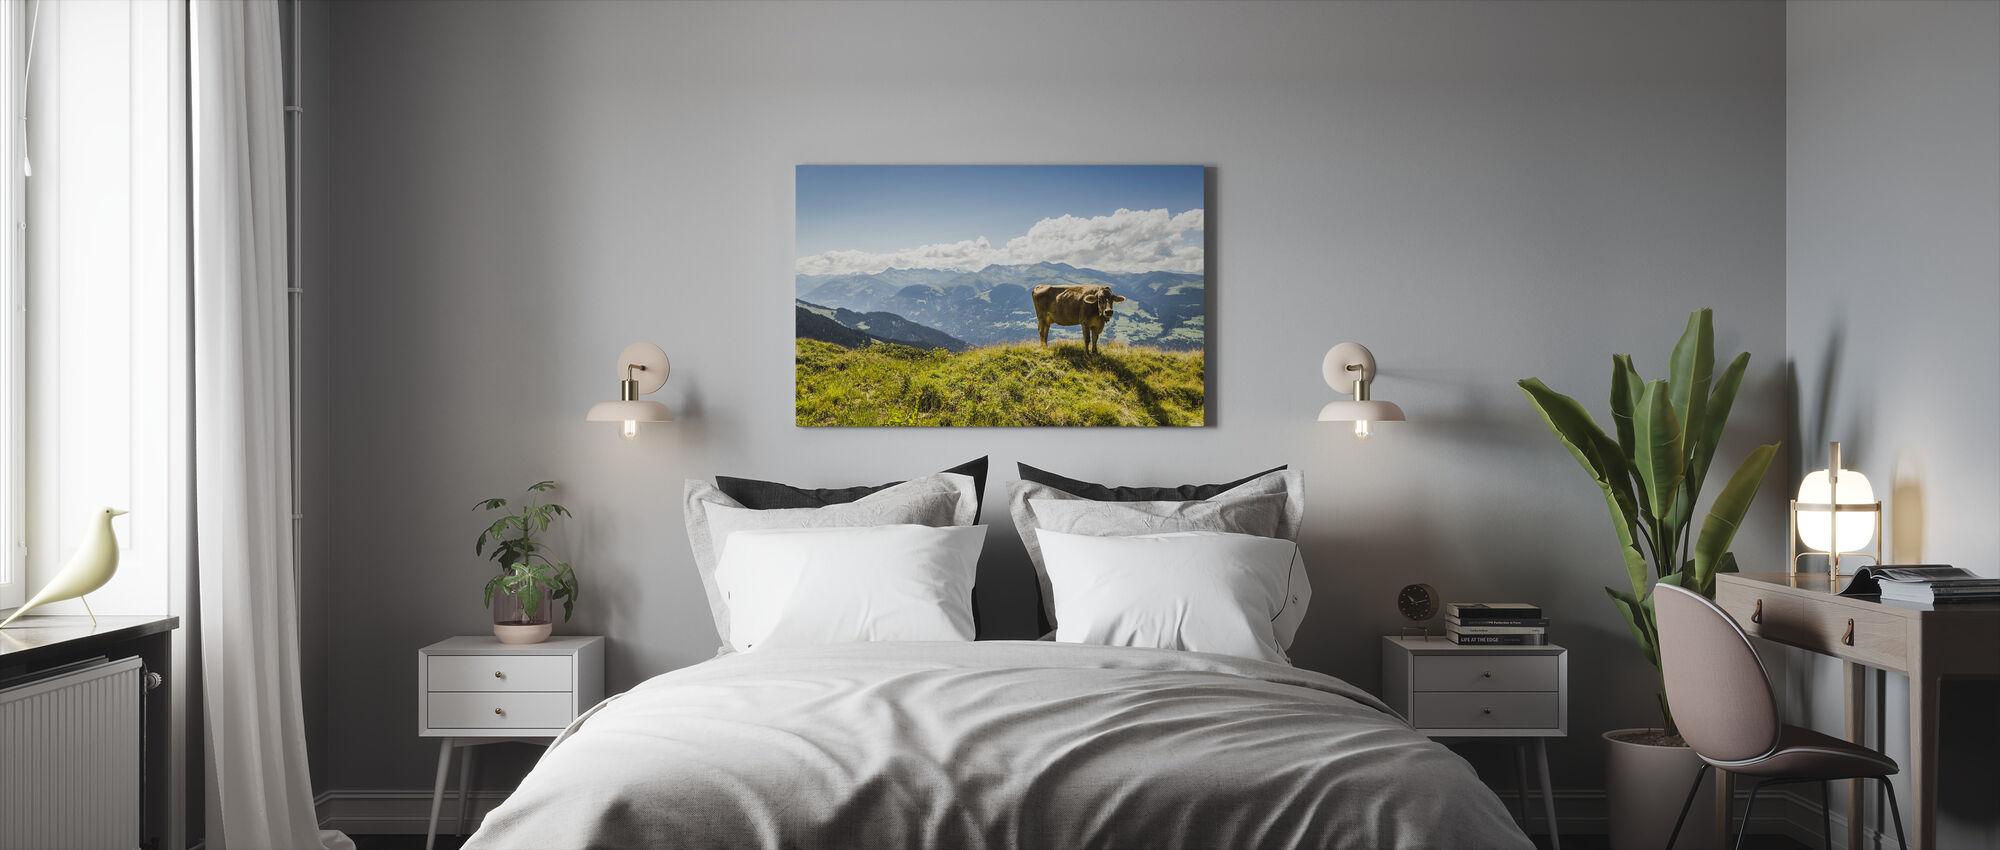 Ko bete på gräsbevuxen sluttning - Canvastavla - Sovrum